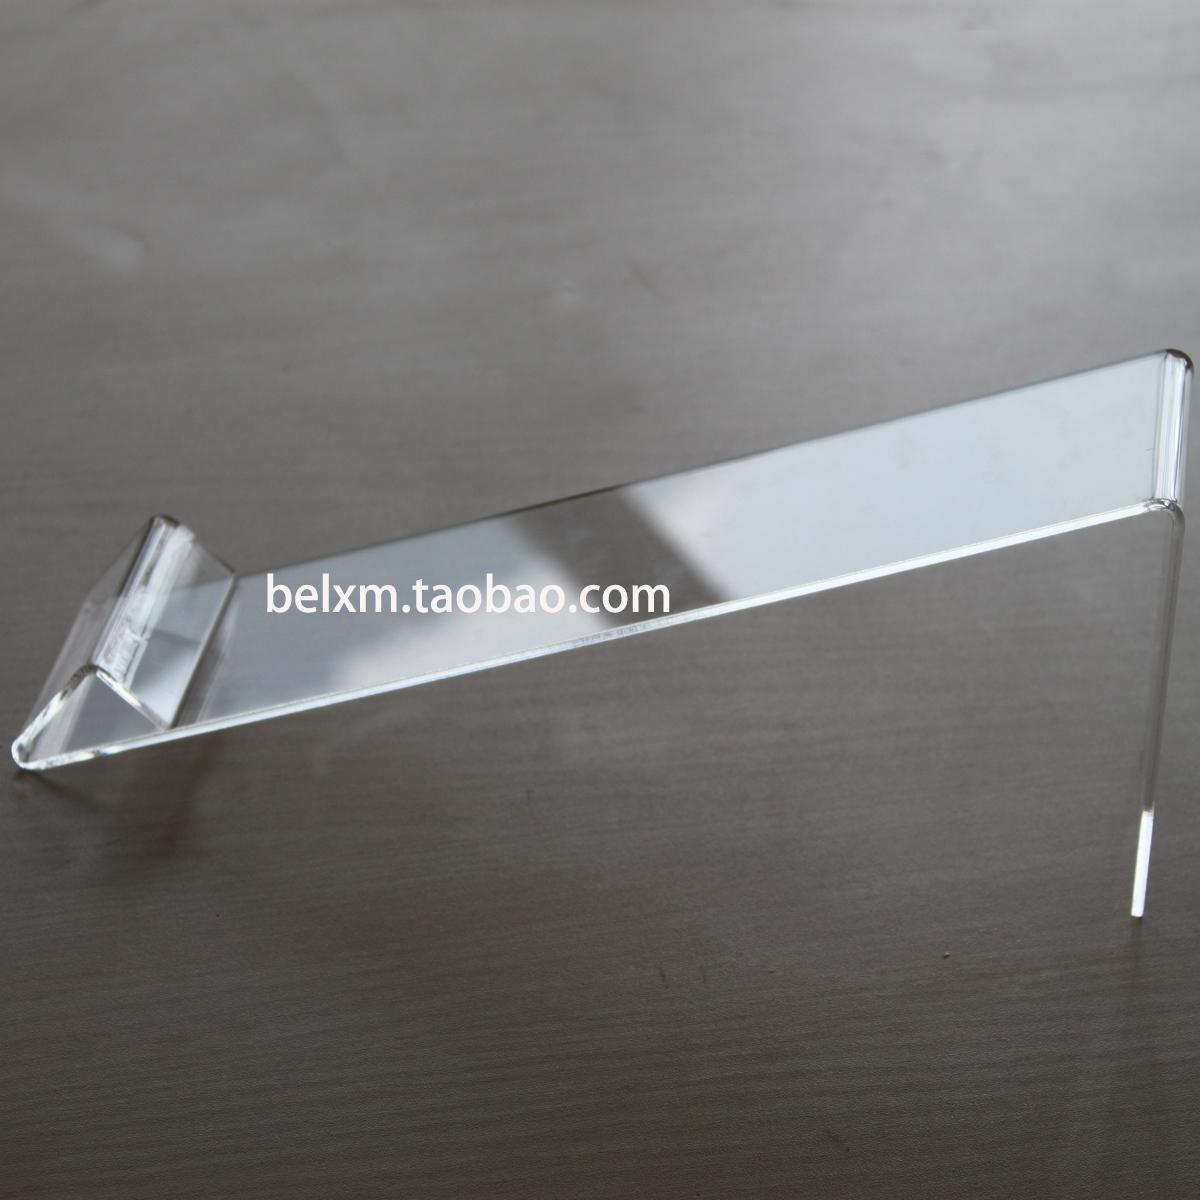 подставка BEL  XJ007